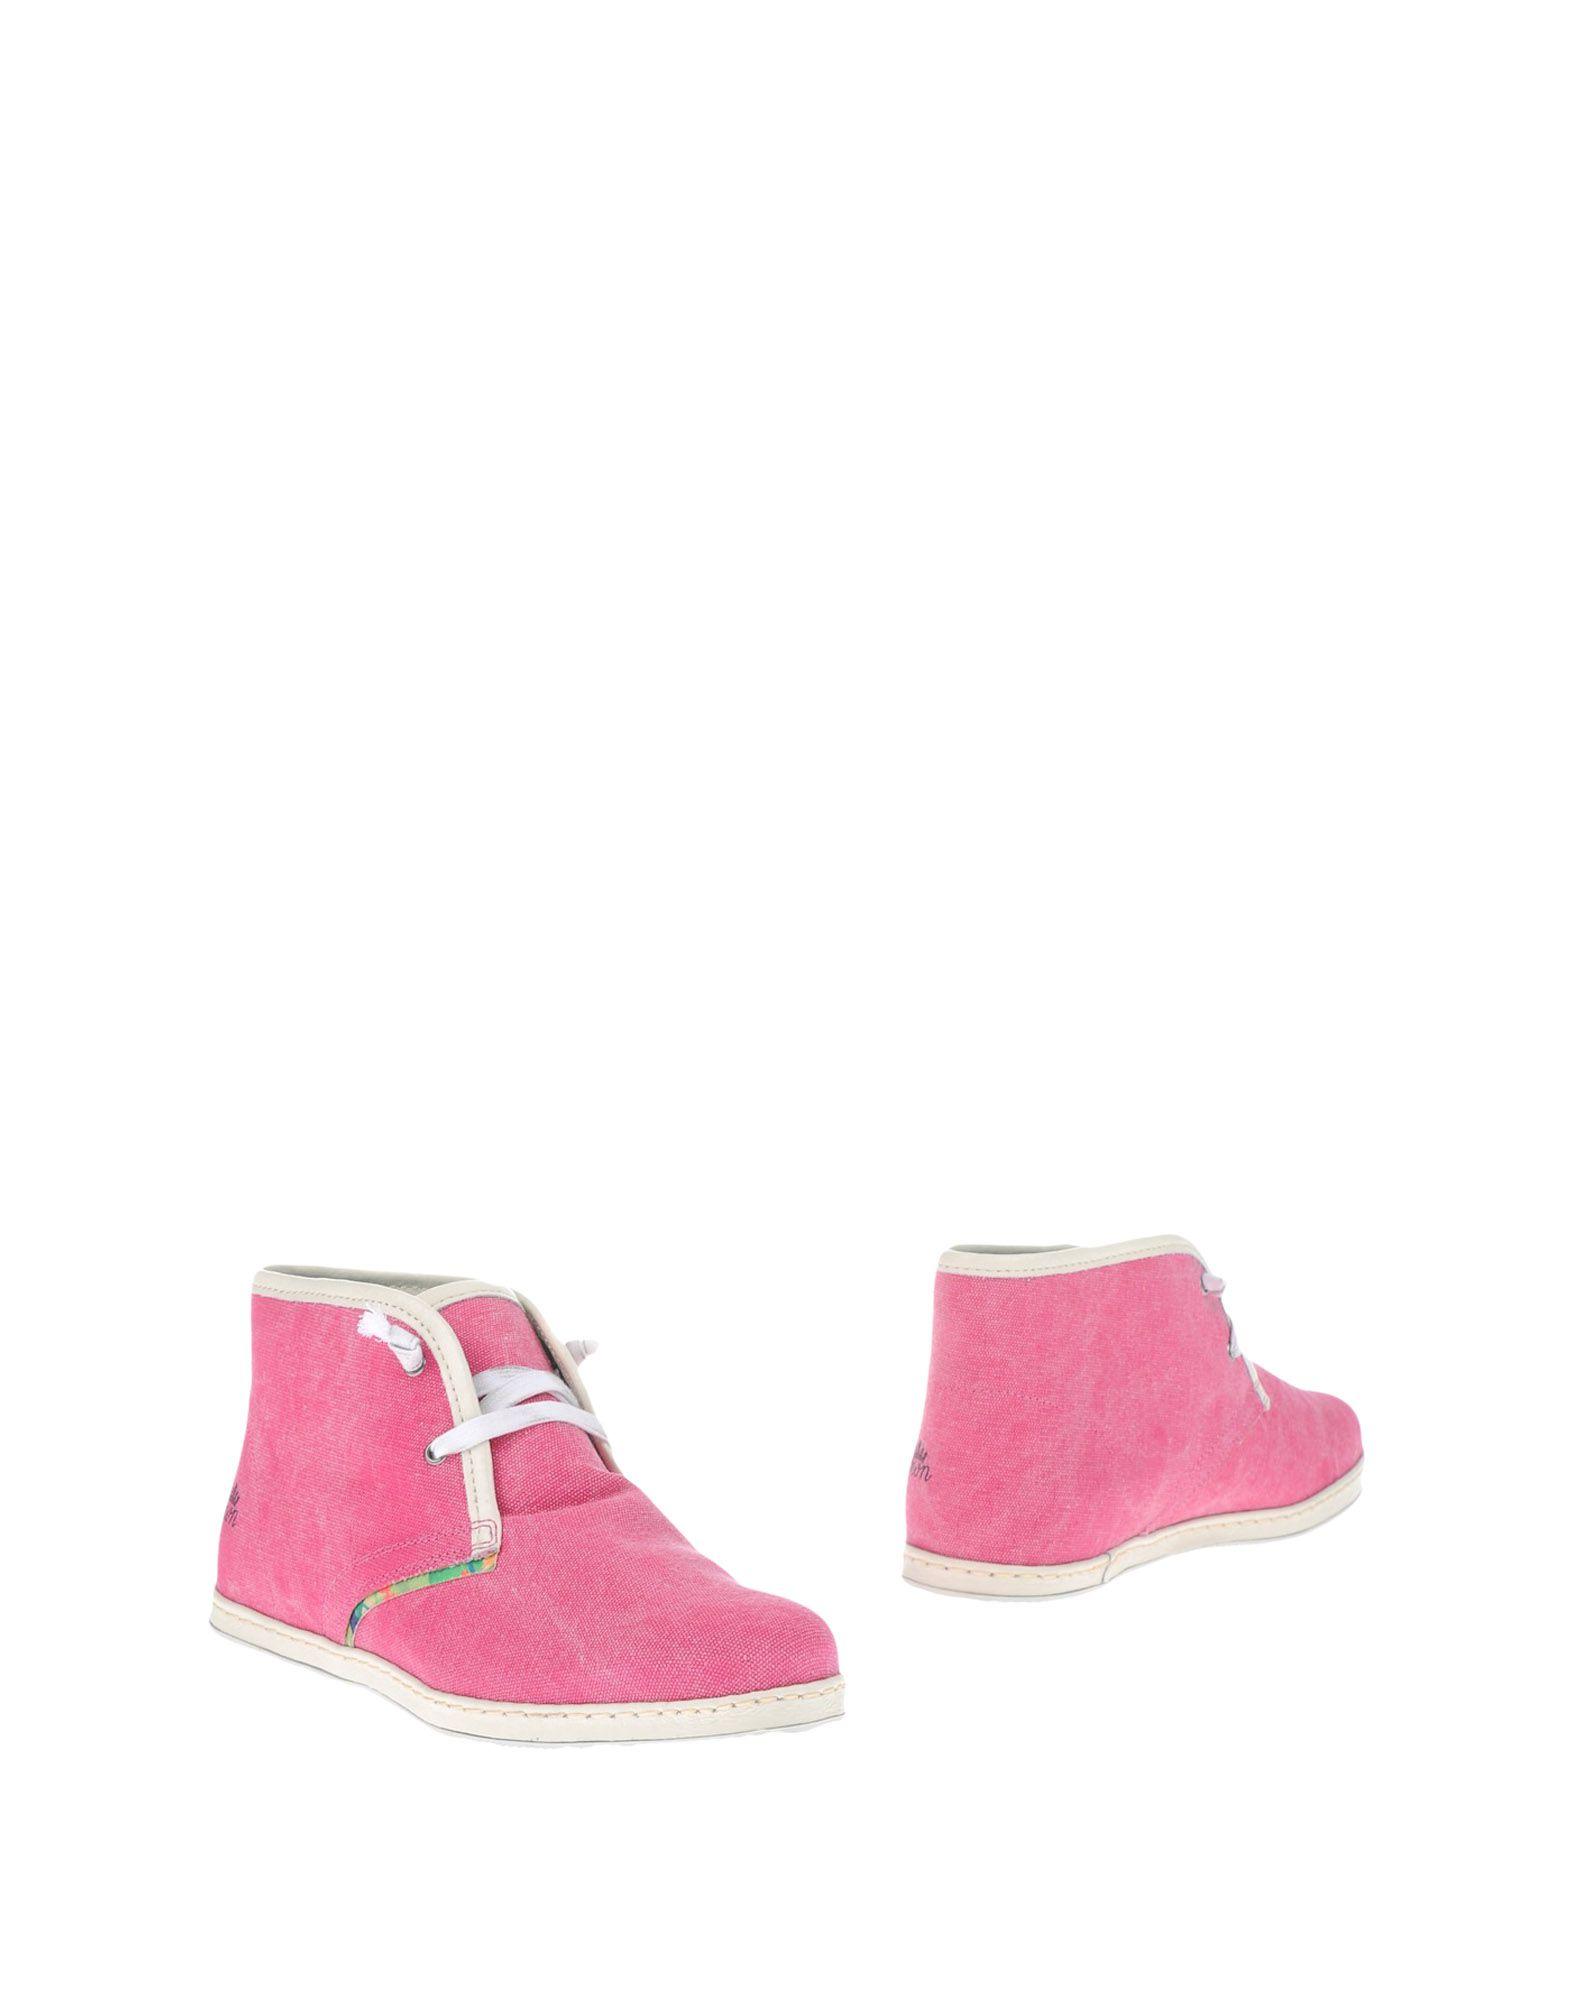 LE CROWN Полусапоги и высокие ботинки трусы 10 штук quelle le jogger 323765